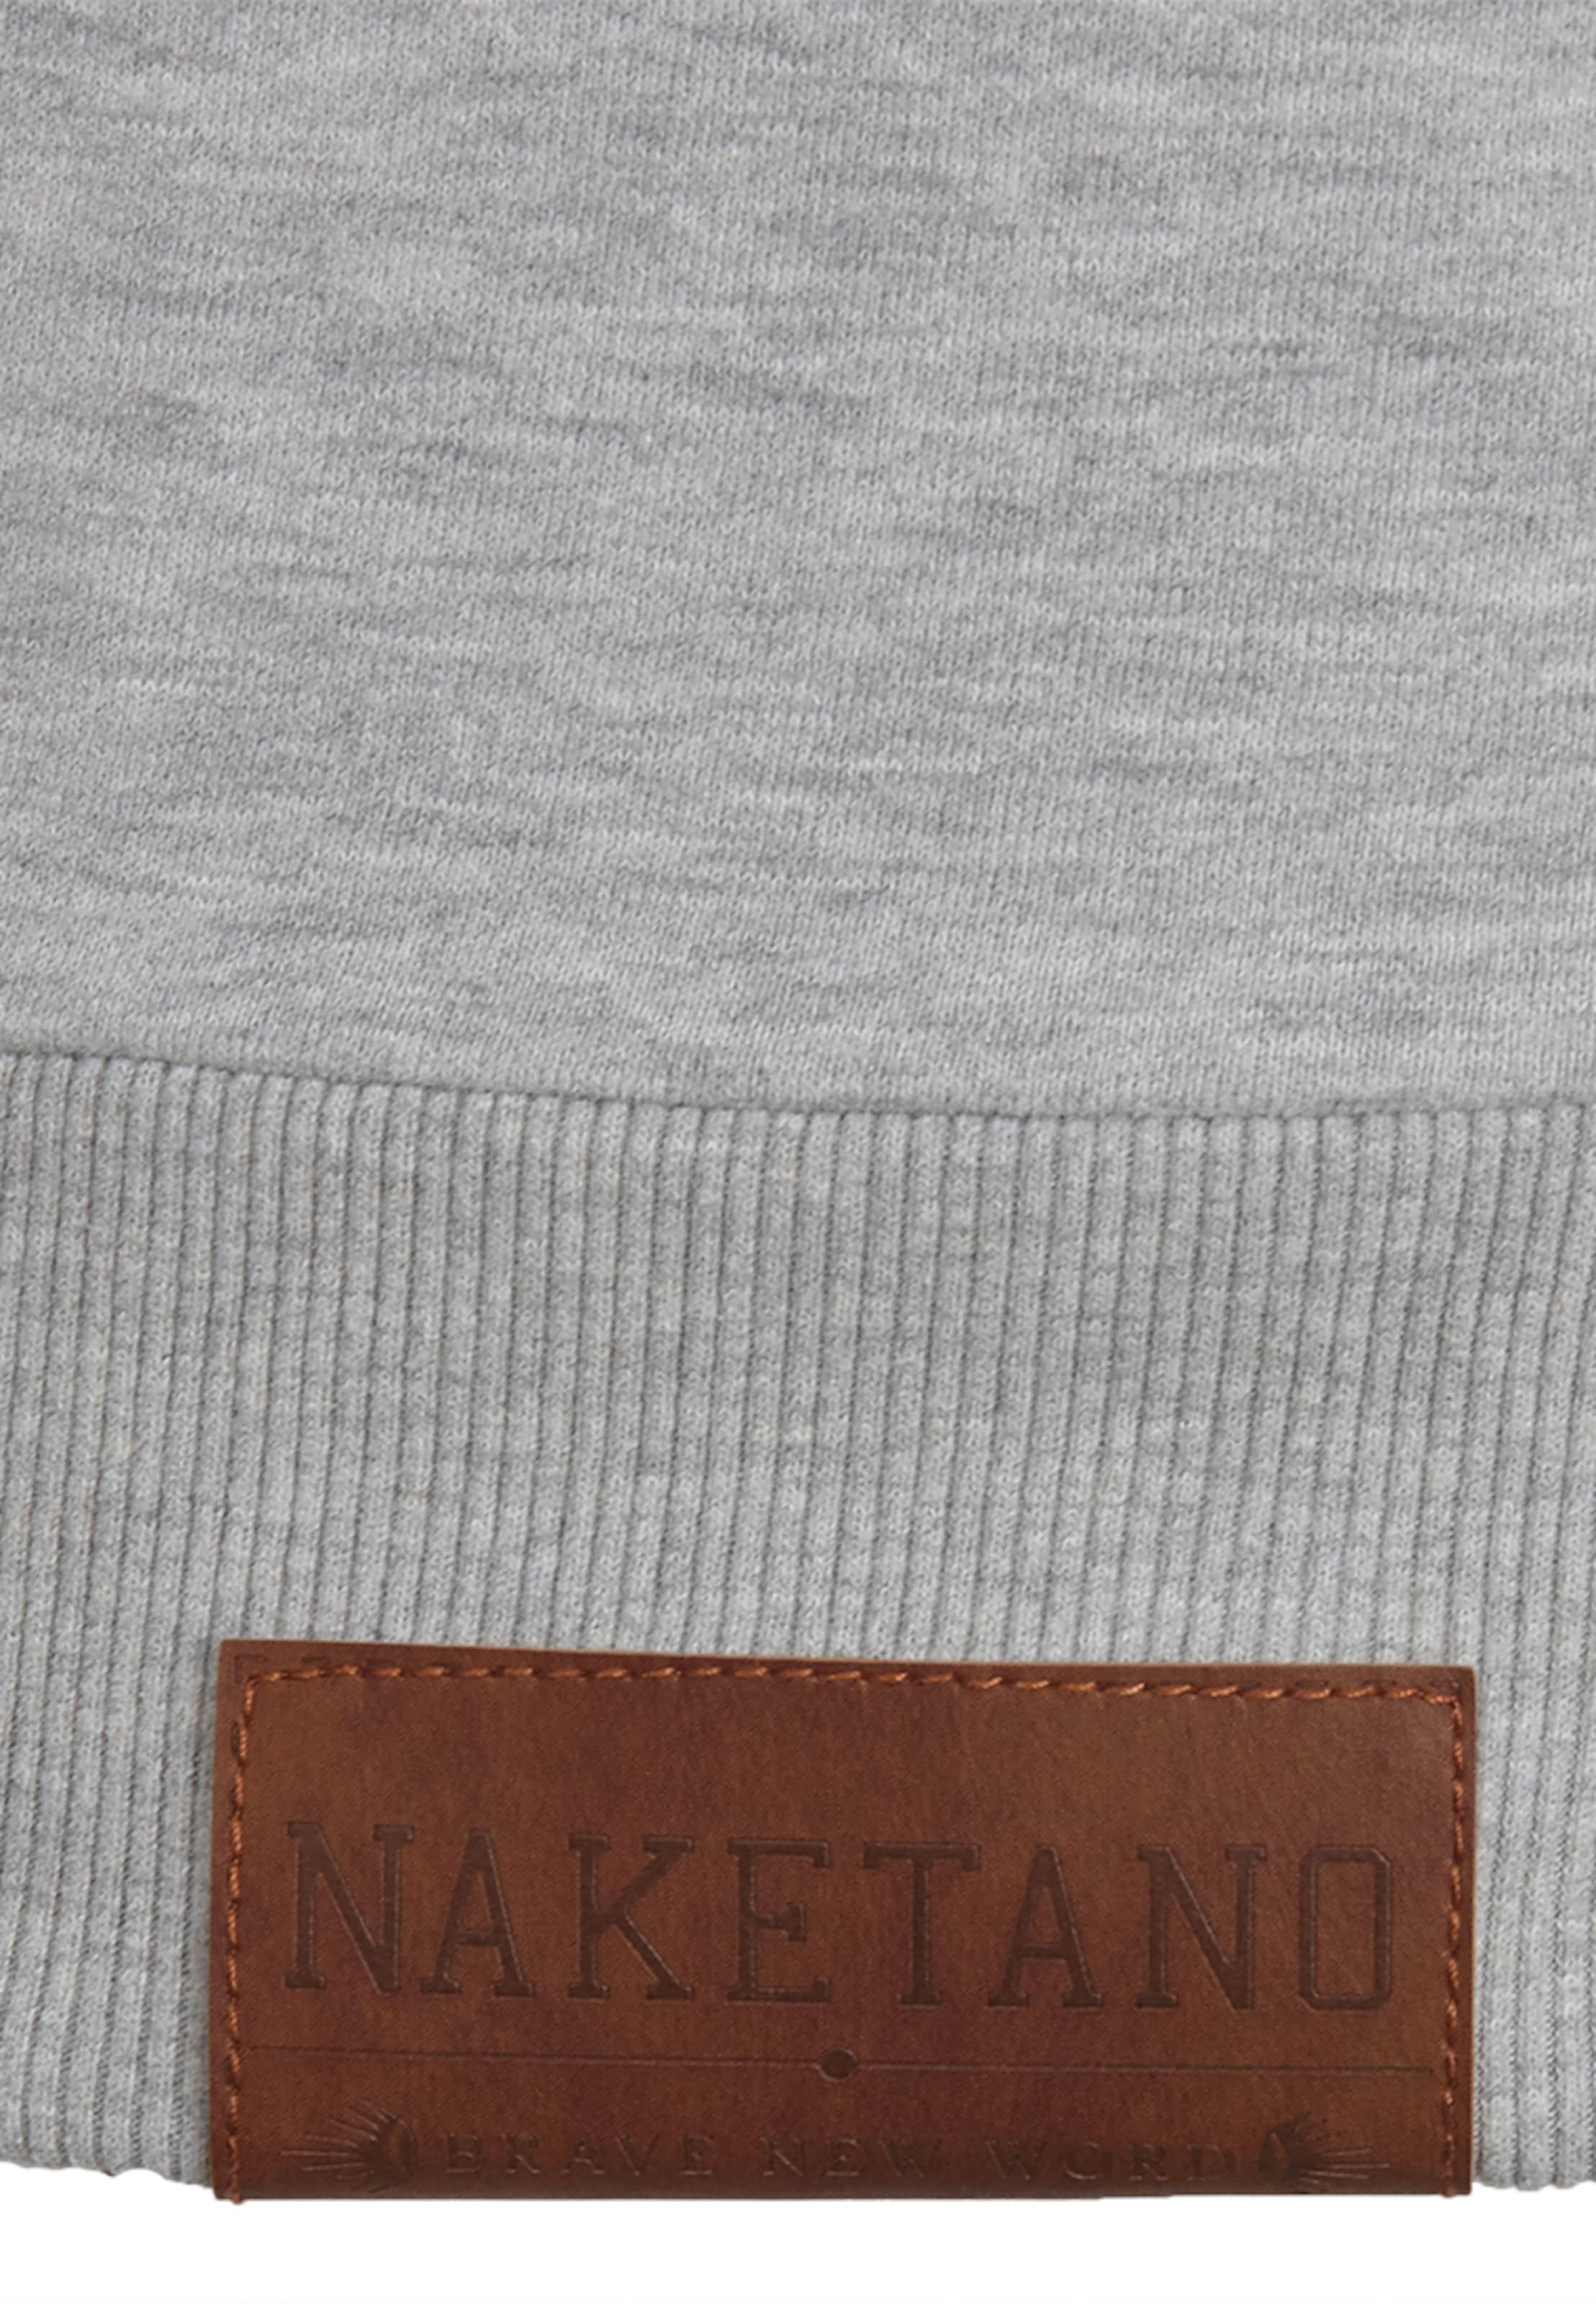 naketano Male Sweatshirt 'Verdammte Order 66 II' Extrem Online Countdown Paket Günstiger Preis Billig Zum Verkauf Beste Preise Im Netz kWm6YBOJ7n